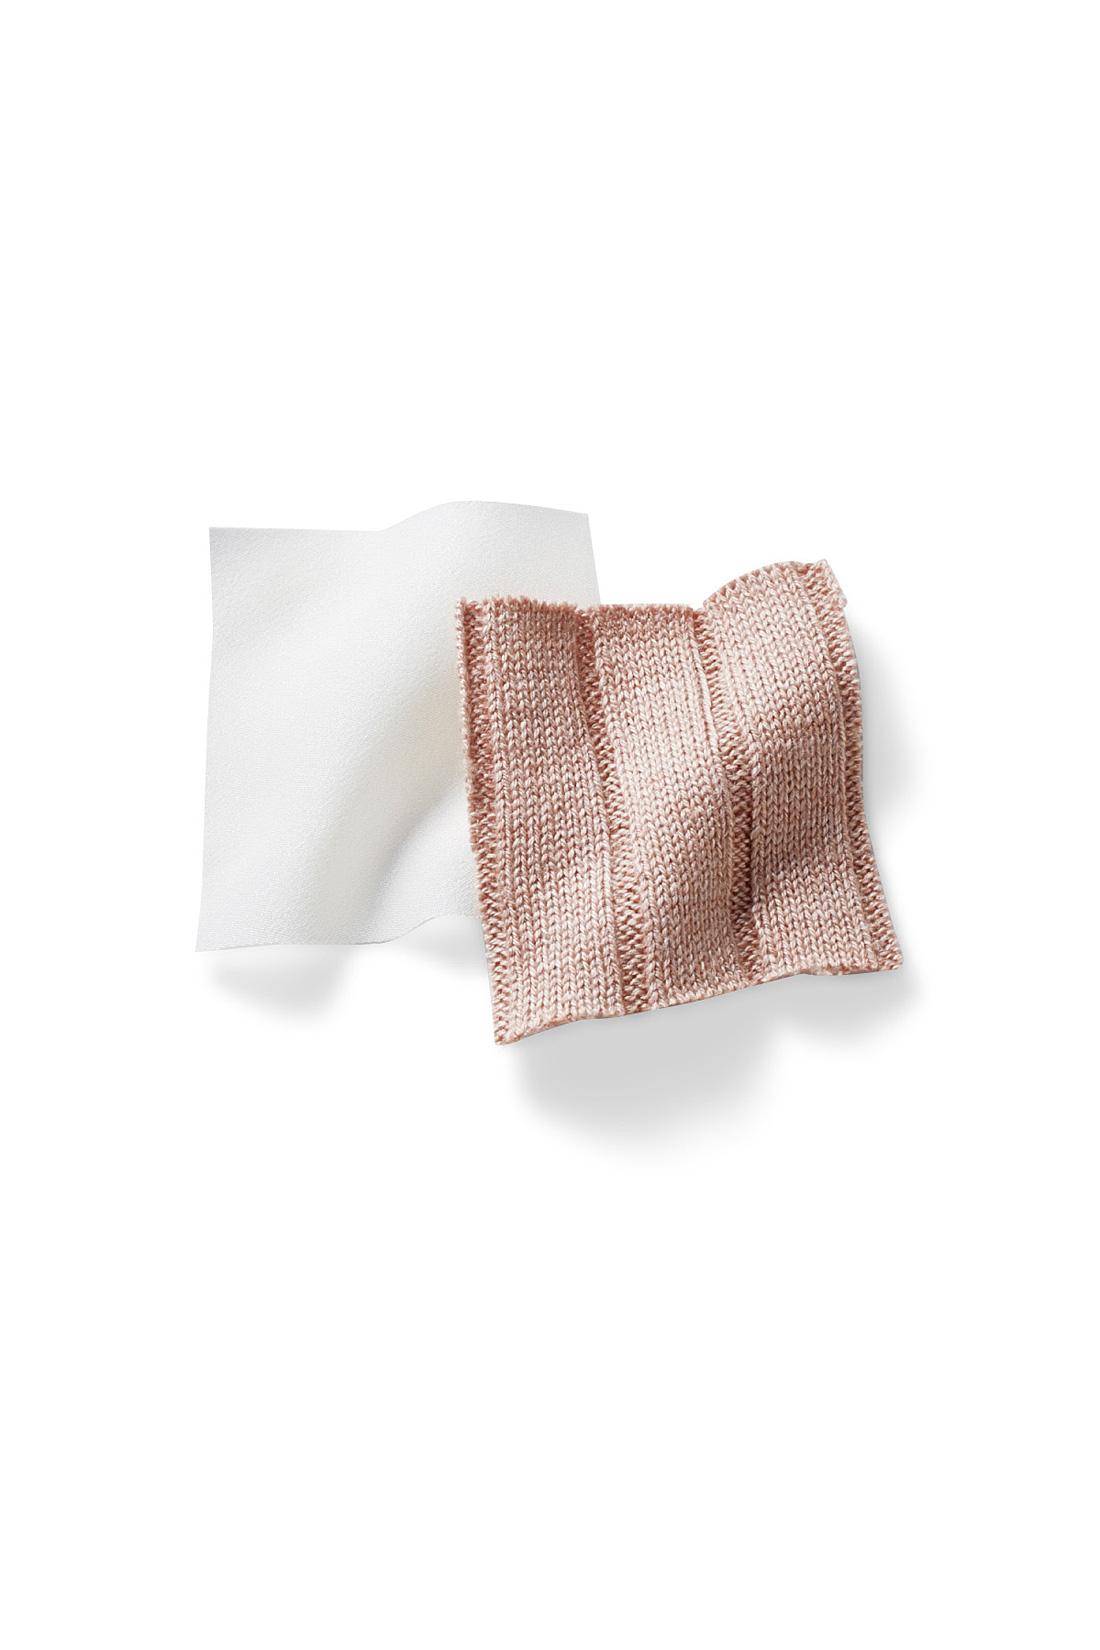 透け感が気になりにくいアイボリーのブラウスと、シルク混が肌に気持ちいいトレンドのワイドリブニット。